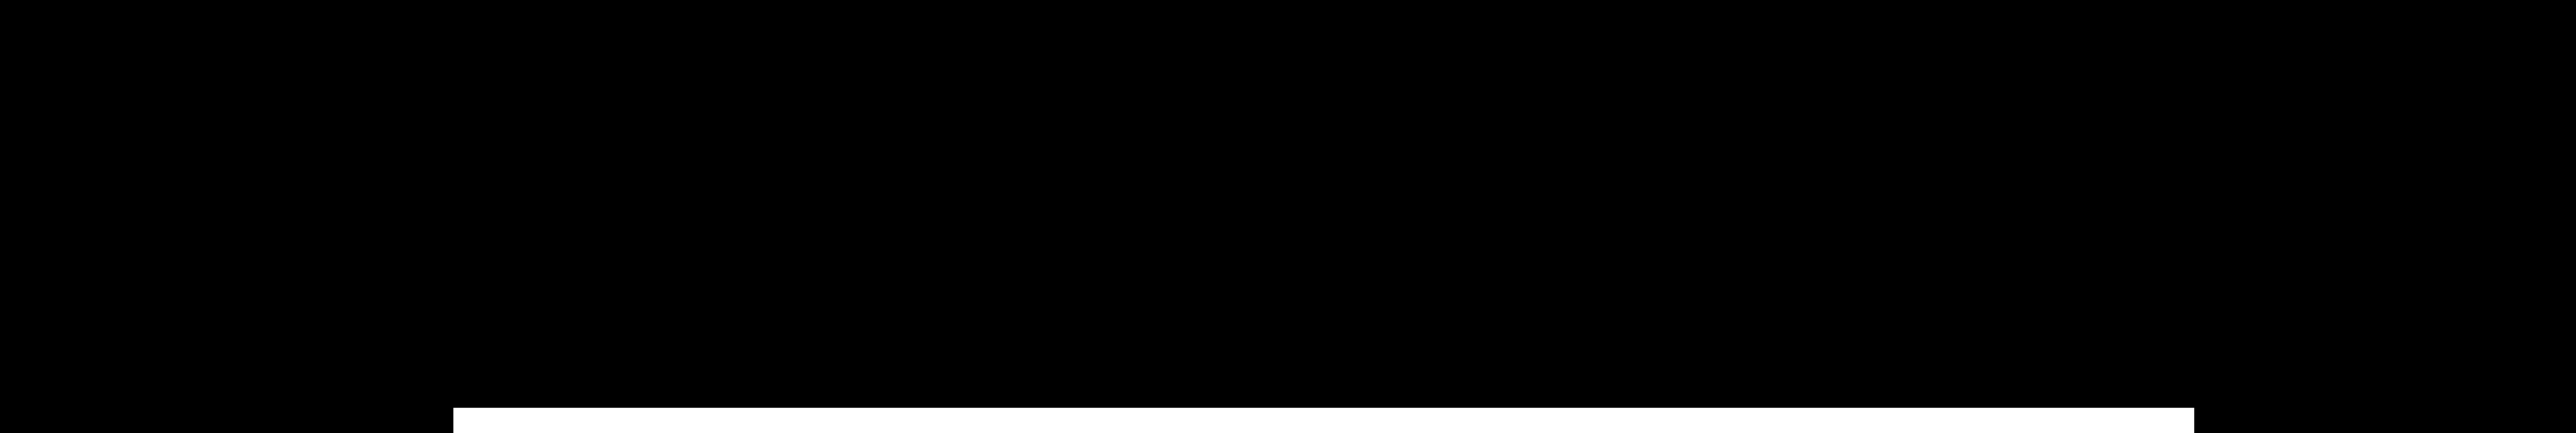 Frankfurter allgemeine logo wordmark